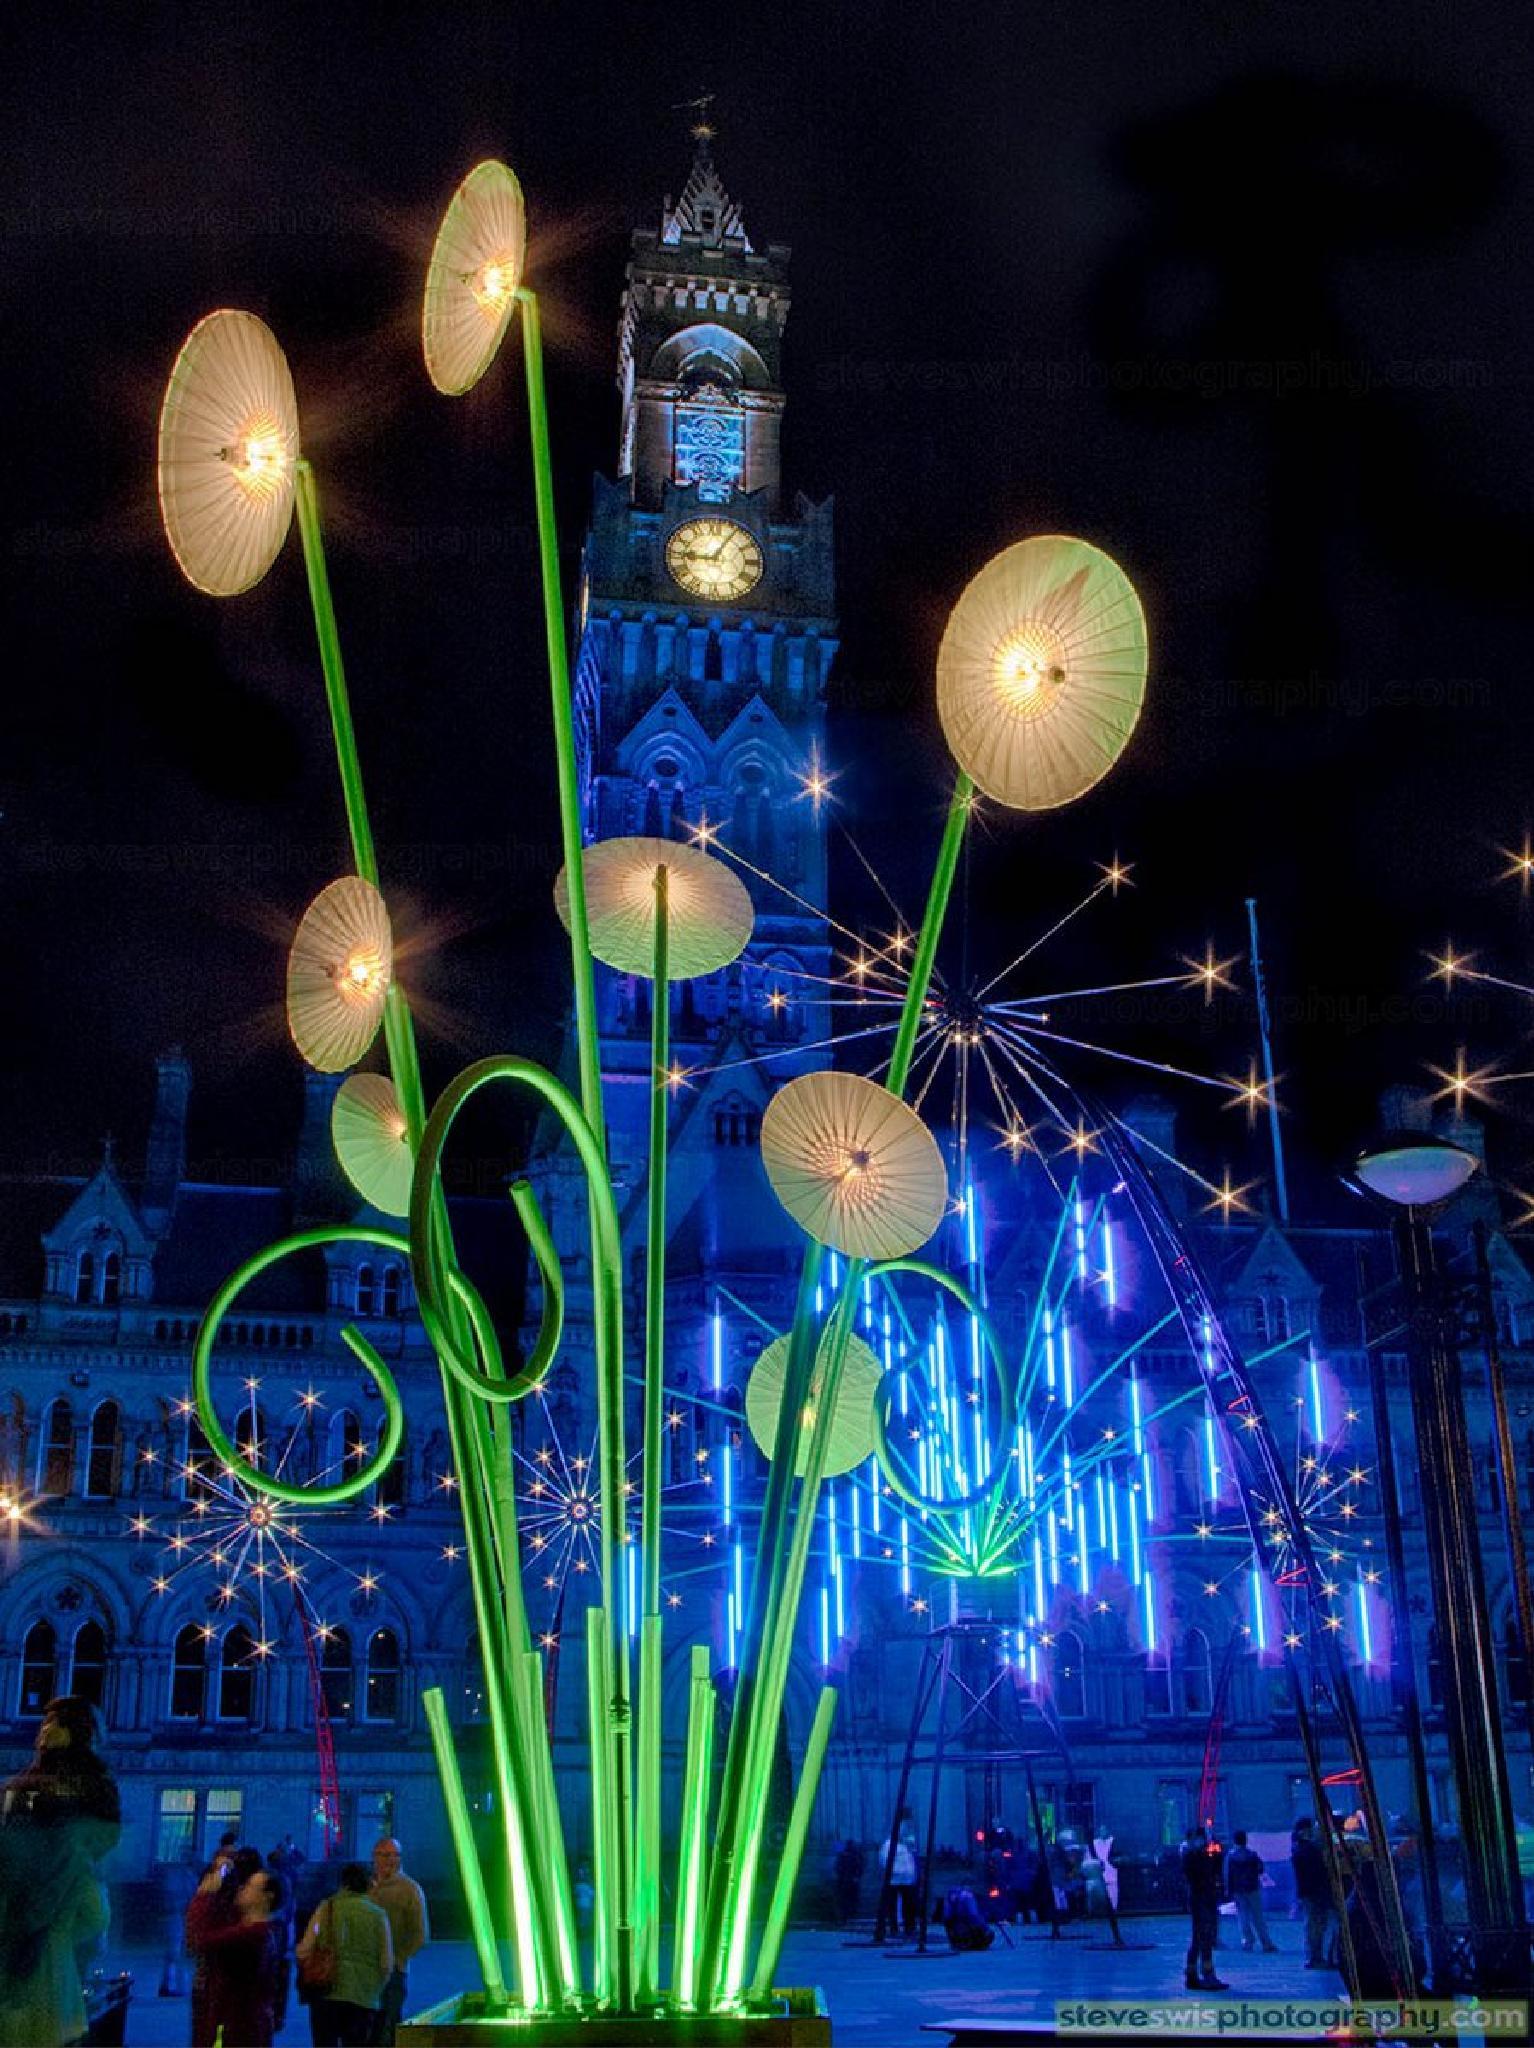 Bradford Light Garden by Steve Swis